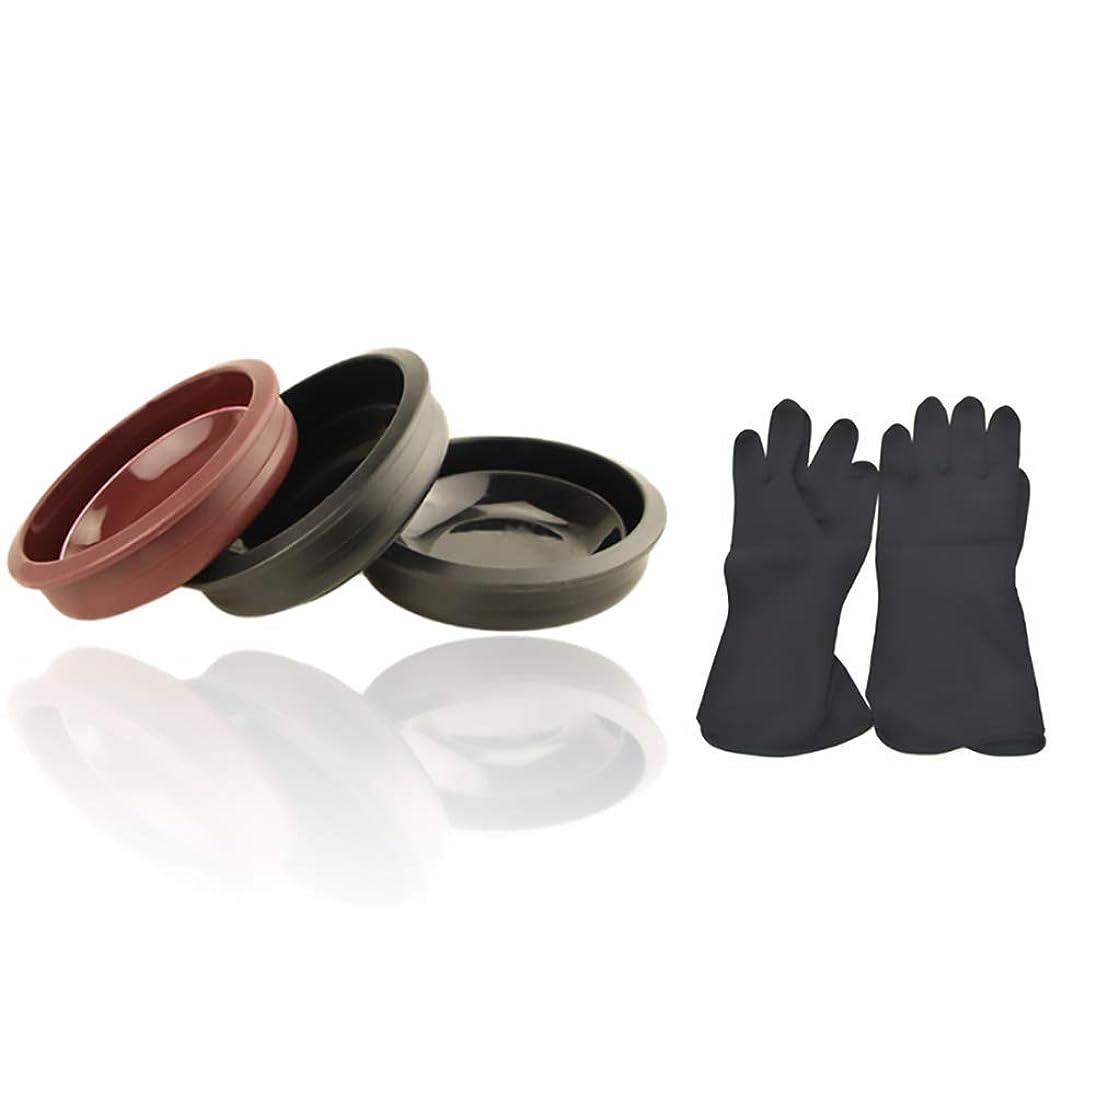 民族主義提案コールドTofover 3ピースヘアカラーミキシングボウルと20カウントヘアダイ手袋、黒の再利用可能なゴム手袋、ヘアサロンヘア染色のためのプロのヘアカラーツールキット